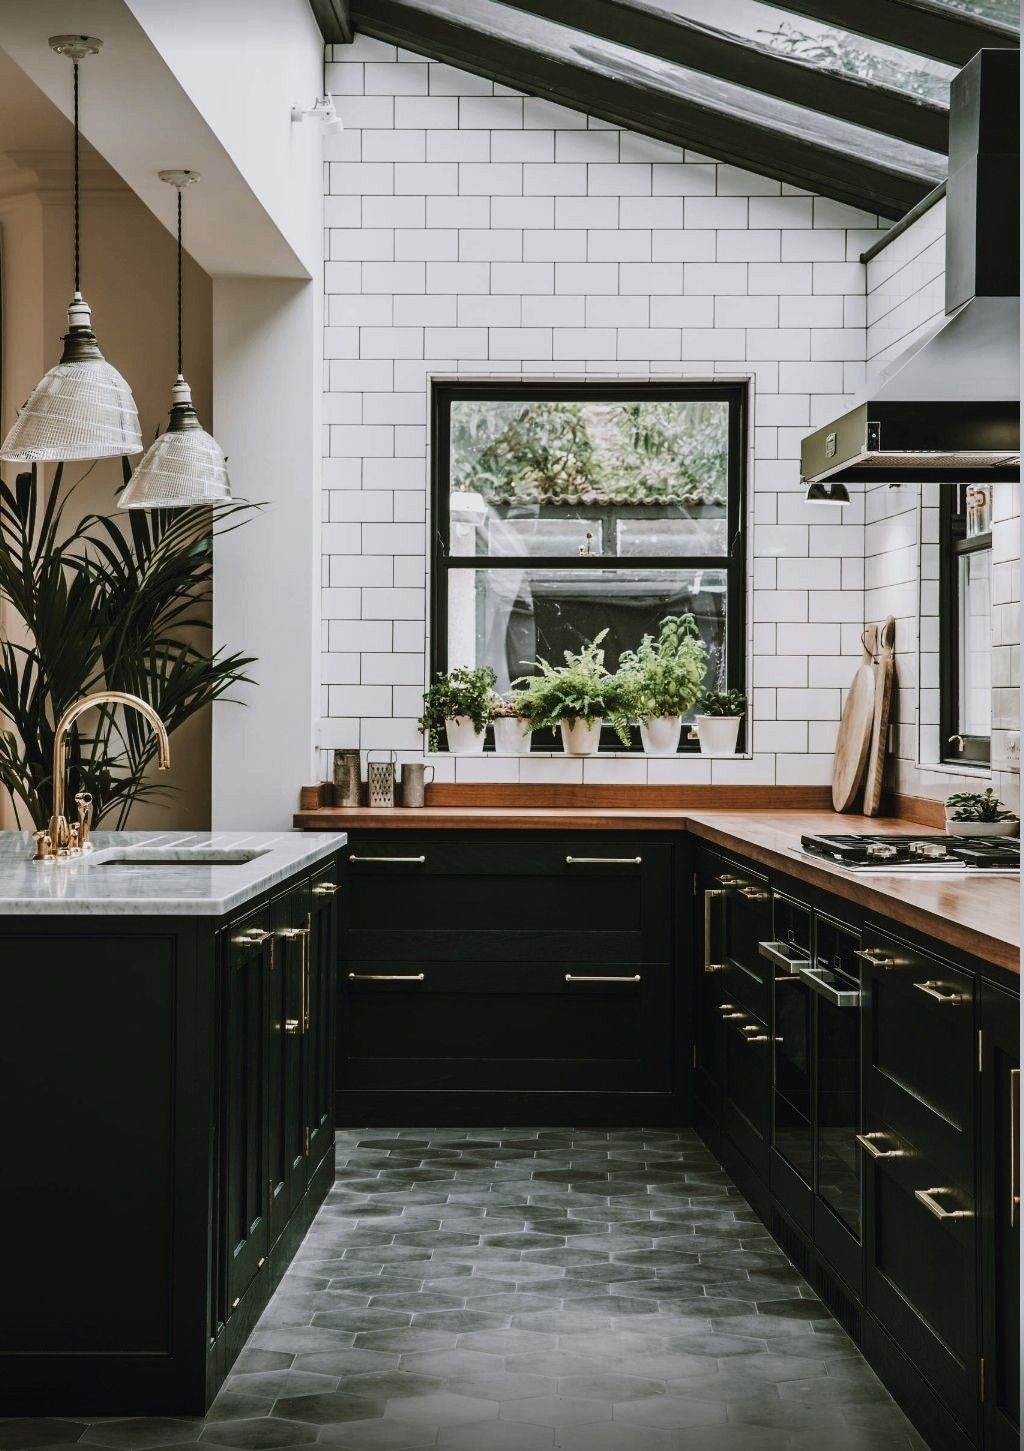 Pinterest Caitiharper Insta Caitiharper Kitchen Remodel Small White Kitchen Remodeling Interior Design Kitchen